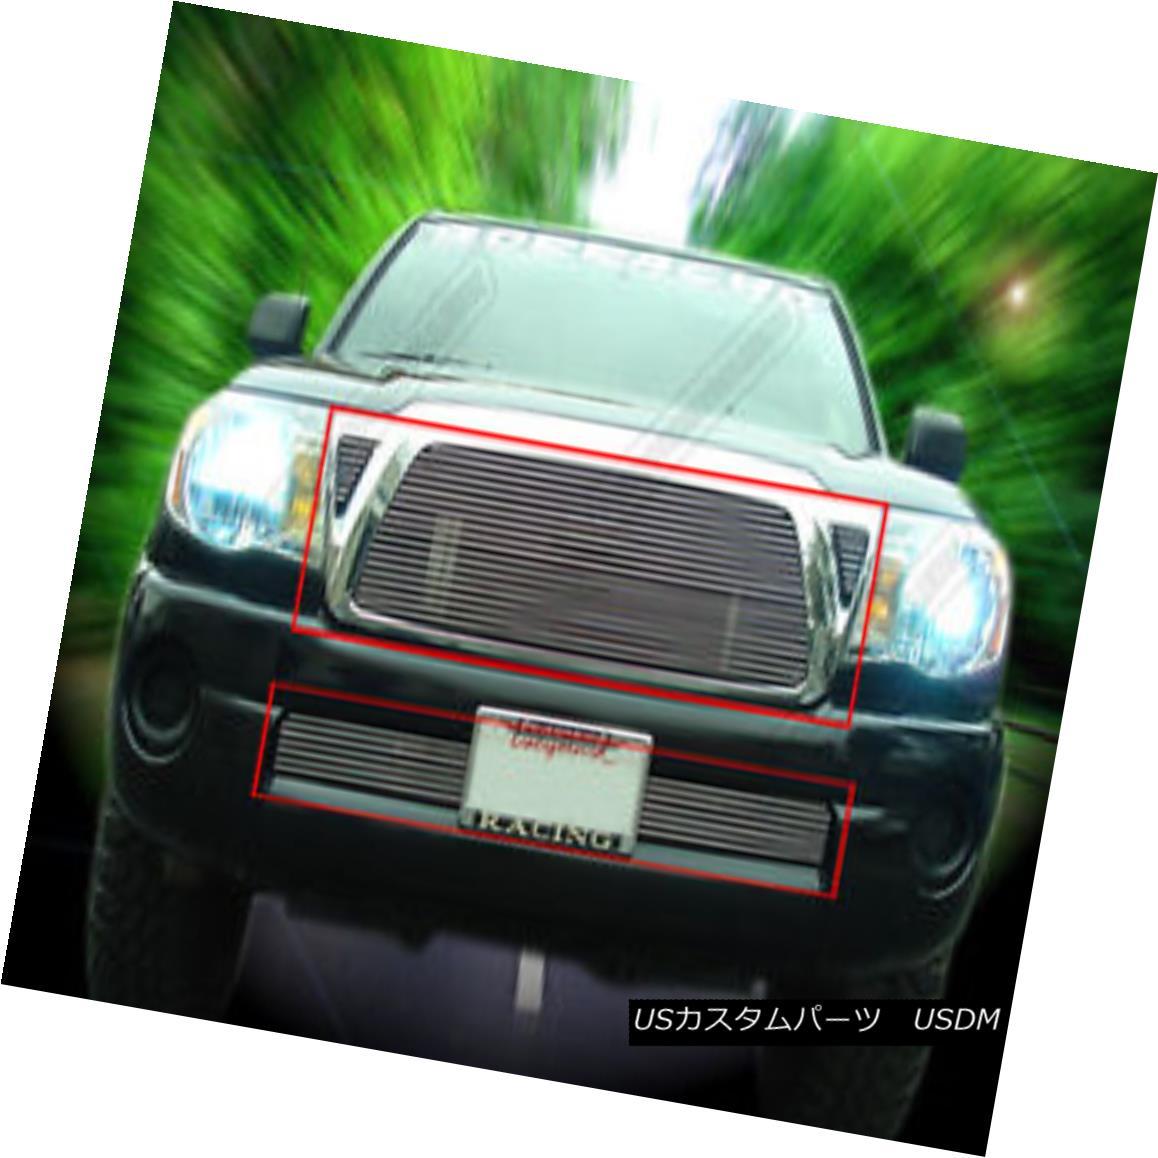 グリル 05-10 Toyota Tacoma Billet Grille Combo Grill Insert Fedar 05-10トヨタタコマビレットグリルコンボグリルインサートフェルダ